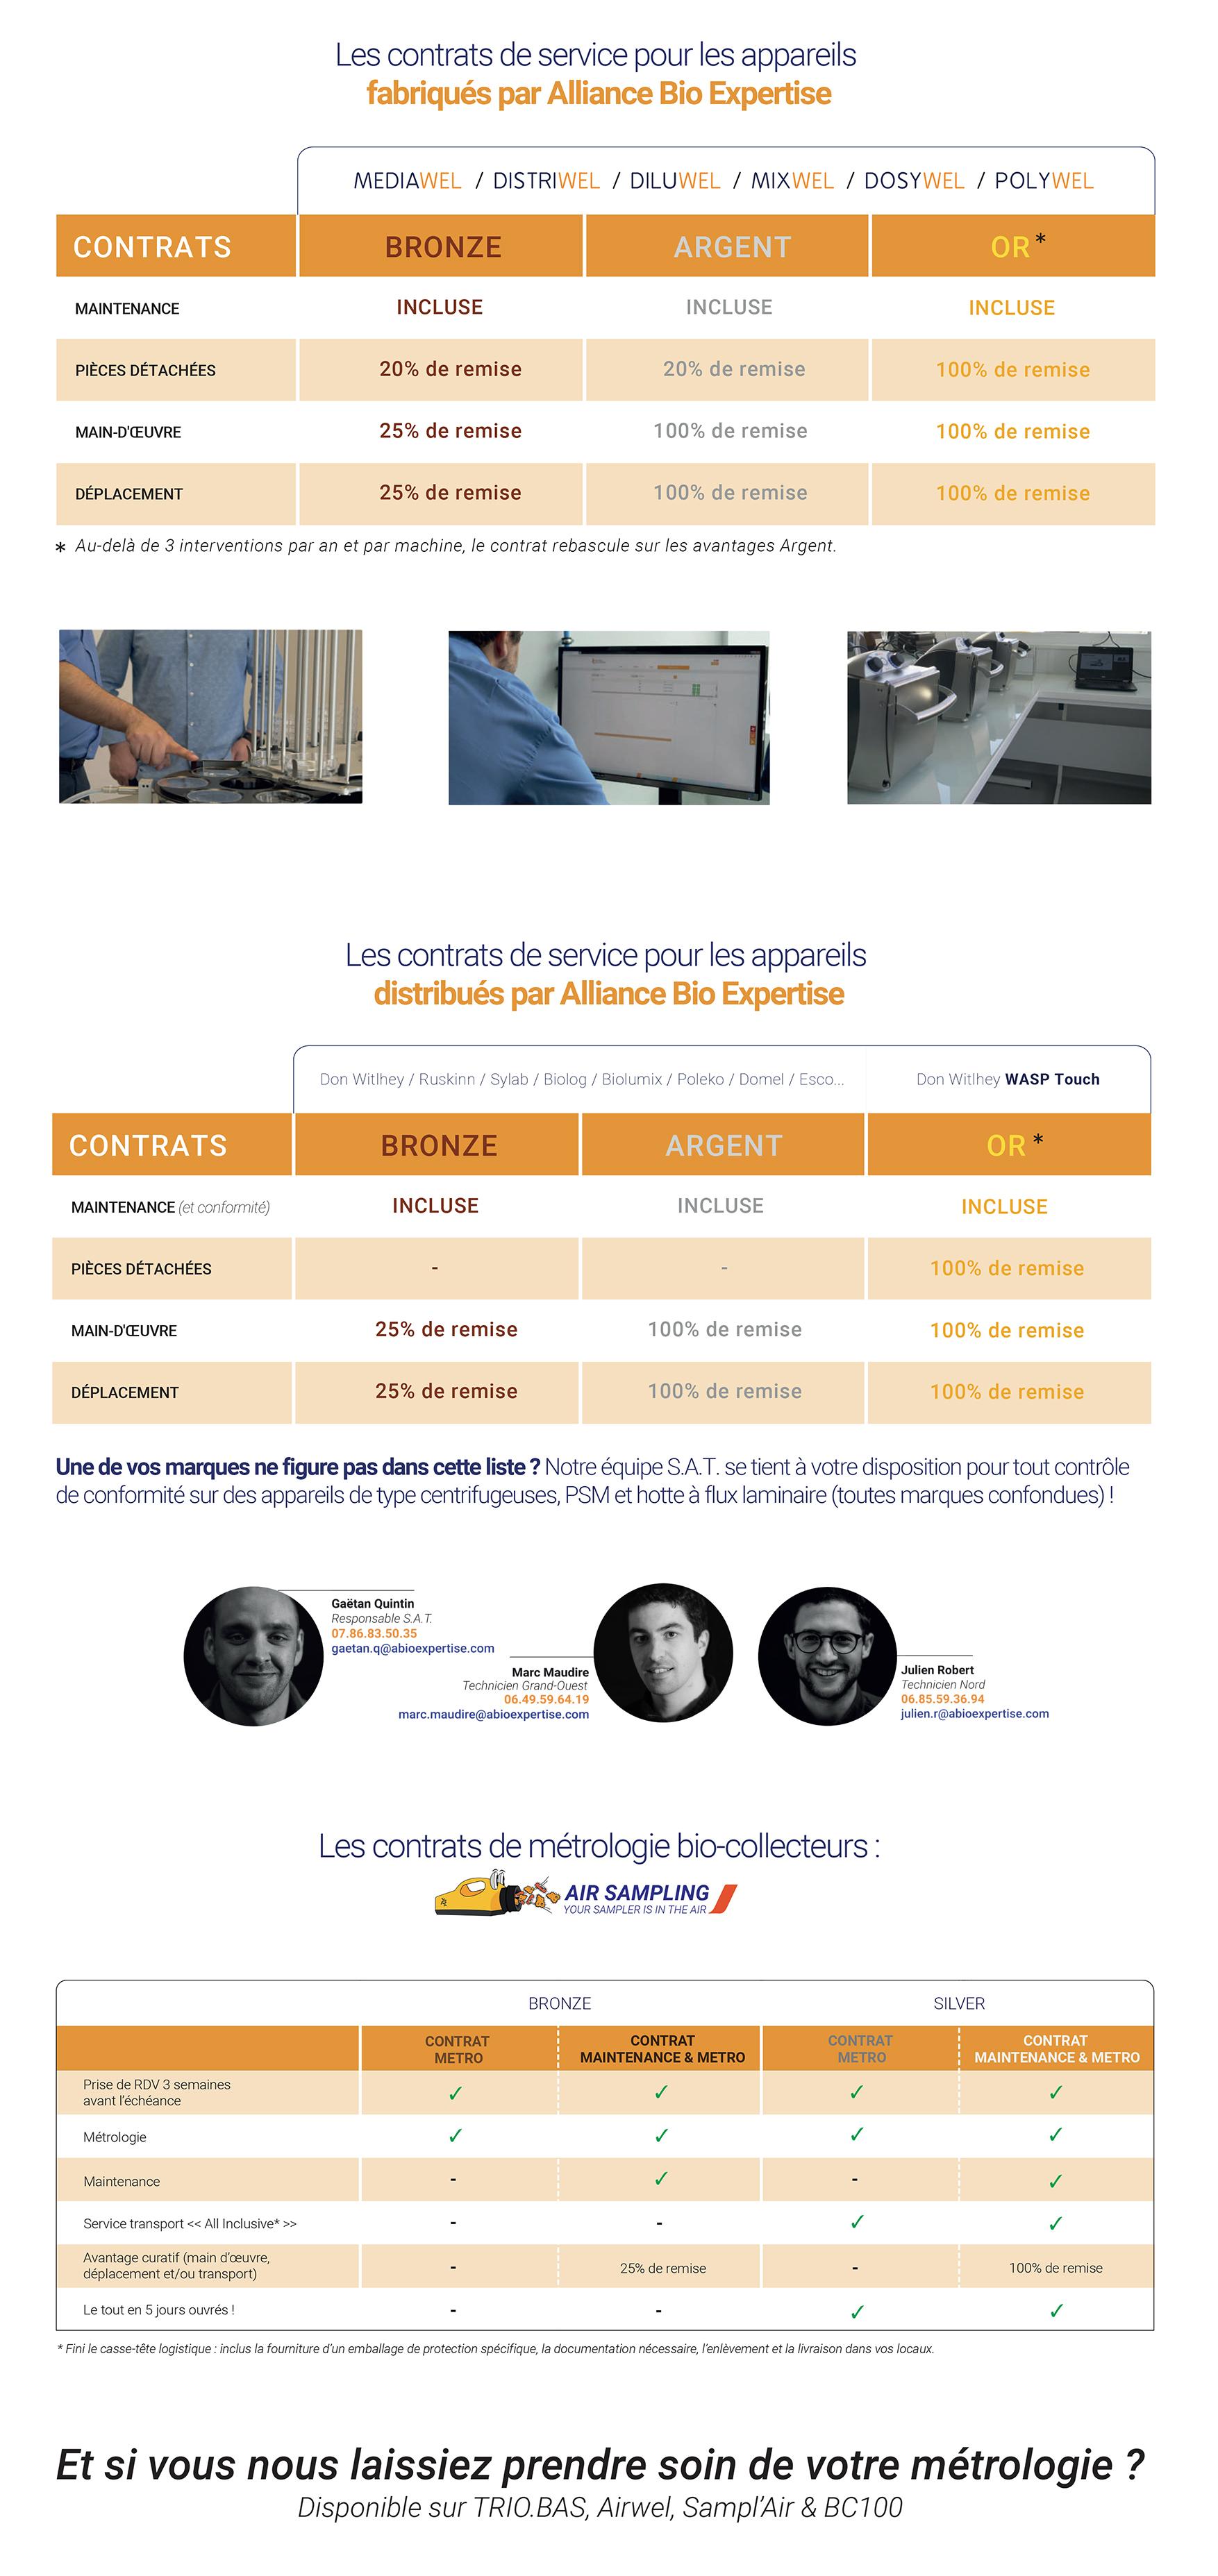 Les contrats de maintenance Alliance Bio Expertise